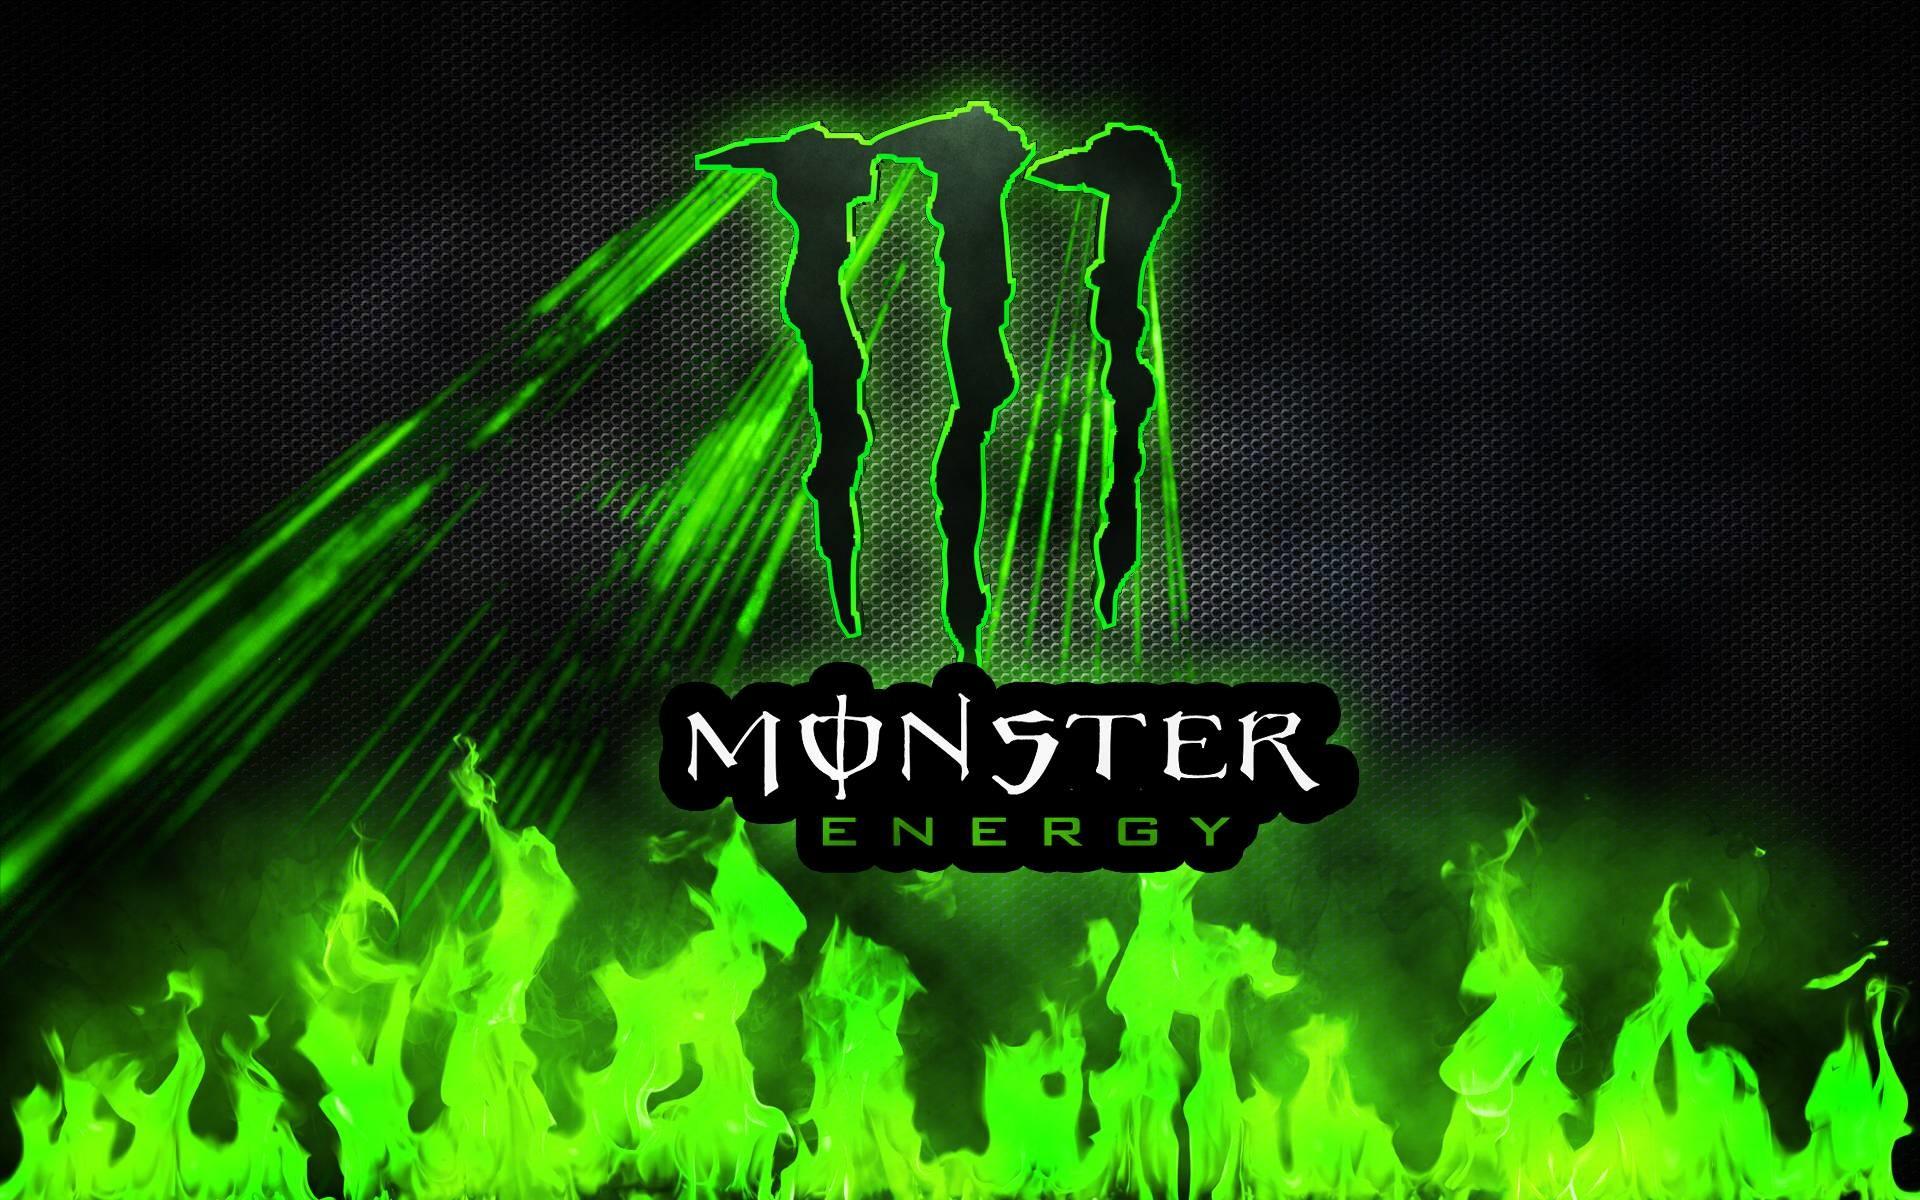 Monster energy wallpaper for computer ·①.